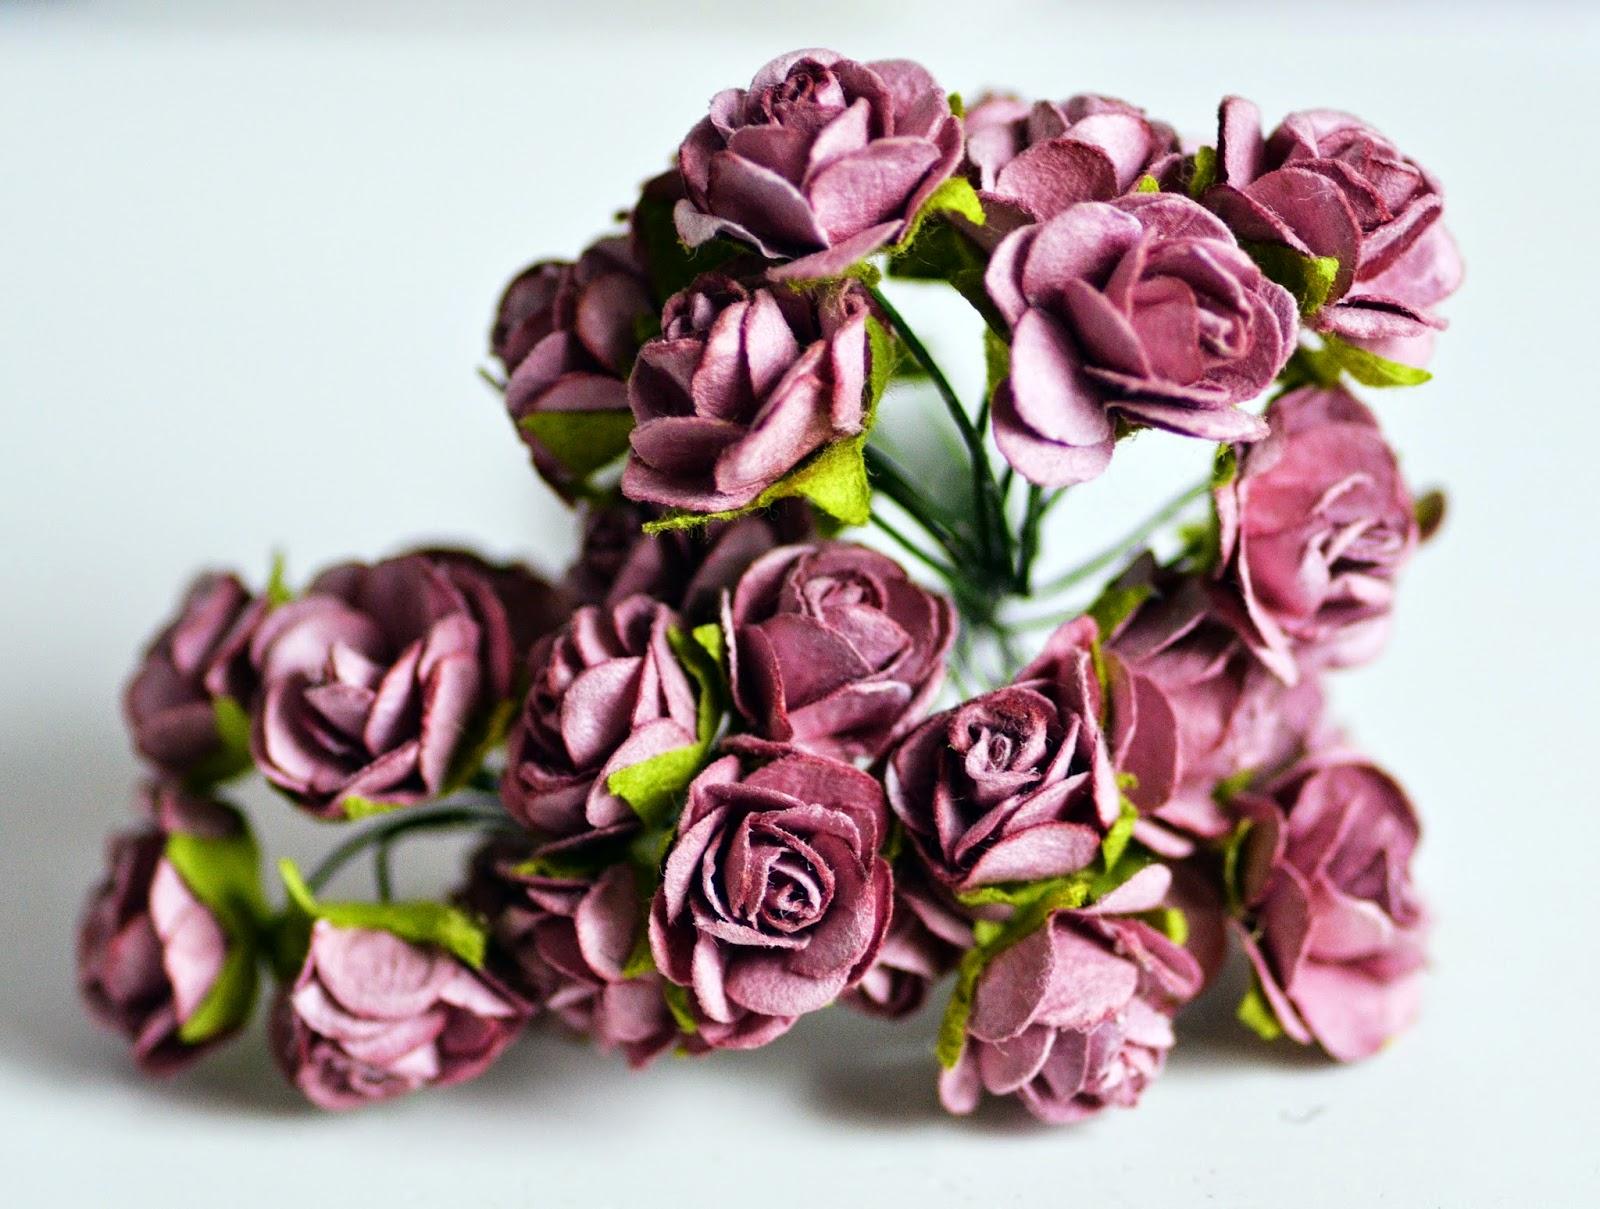 http://kolorowyjarmark.pl/pl/p/Kwiatki-Rozyczki-Rozowy-Fiolet-10szt-/2471